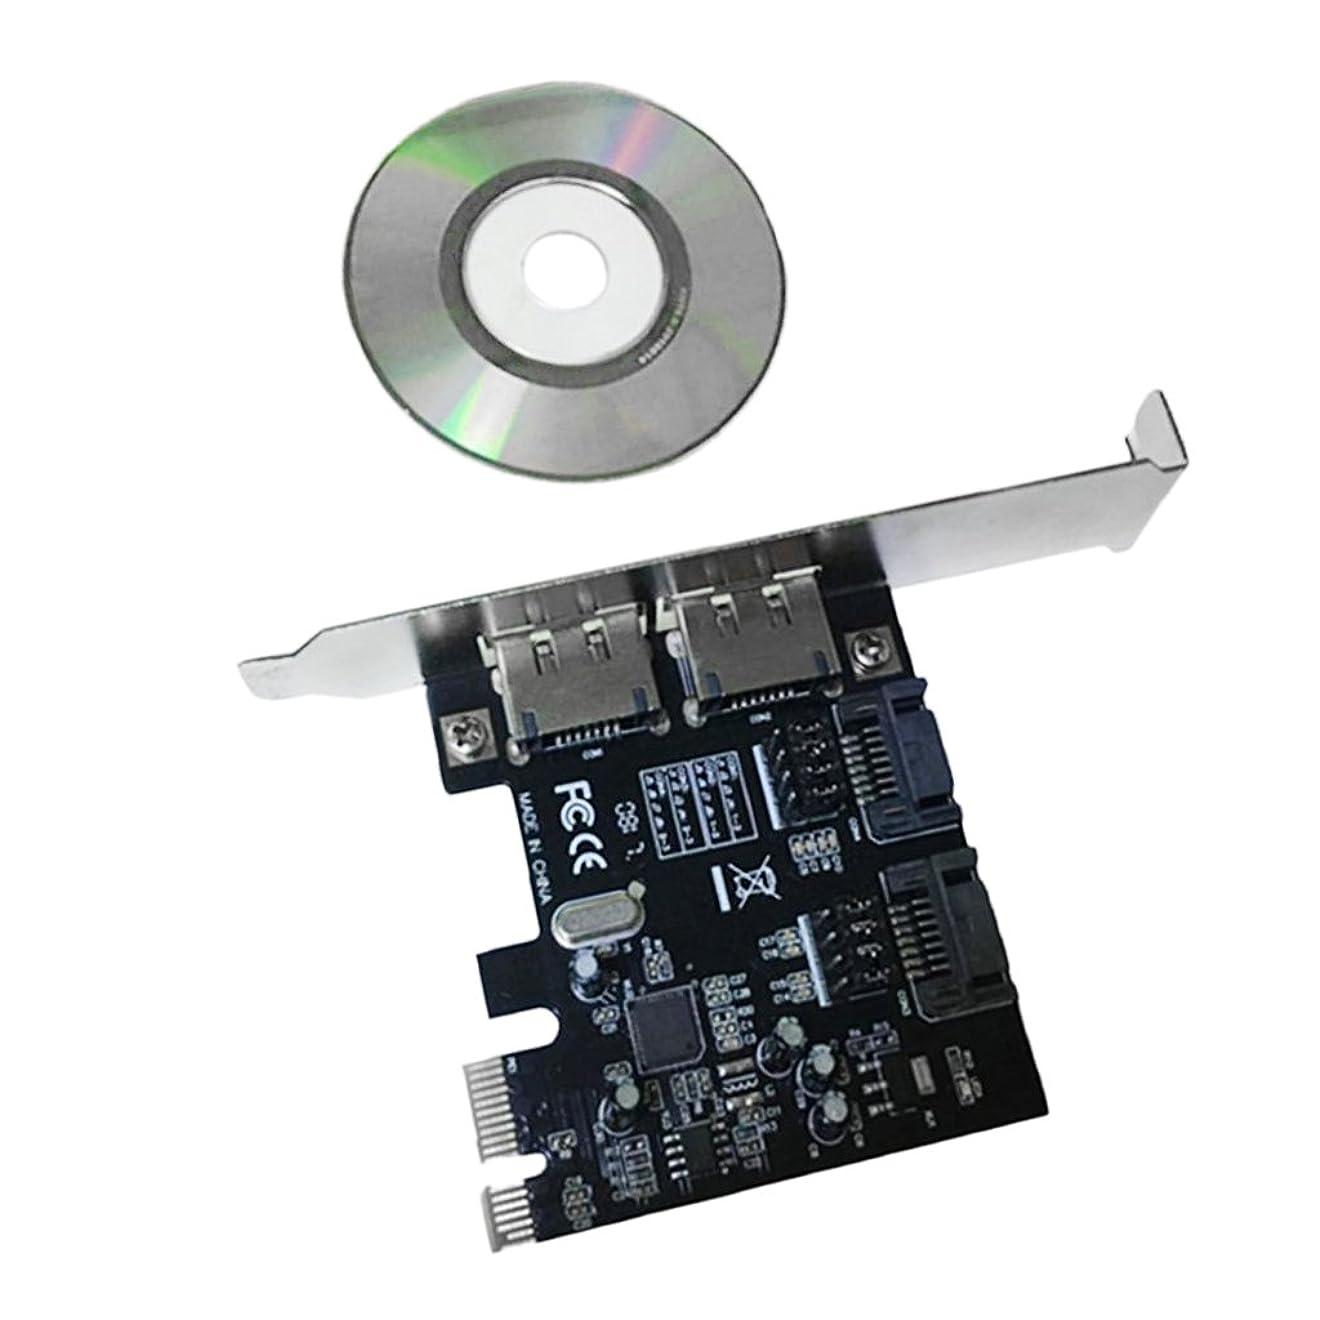 オーバードロー差別する透けて見えるhomyl 6?GB / sディスクUSB 3.0?PCI - E拡張カード2ポート拡張ボードwith for sata3.0